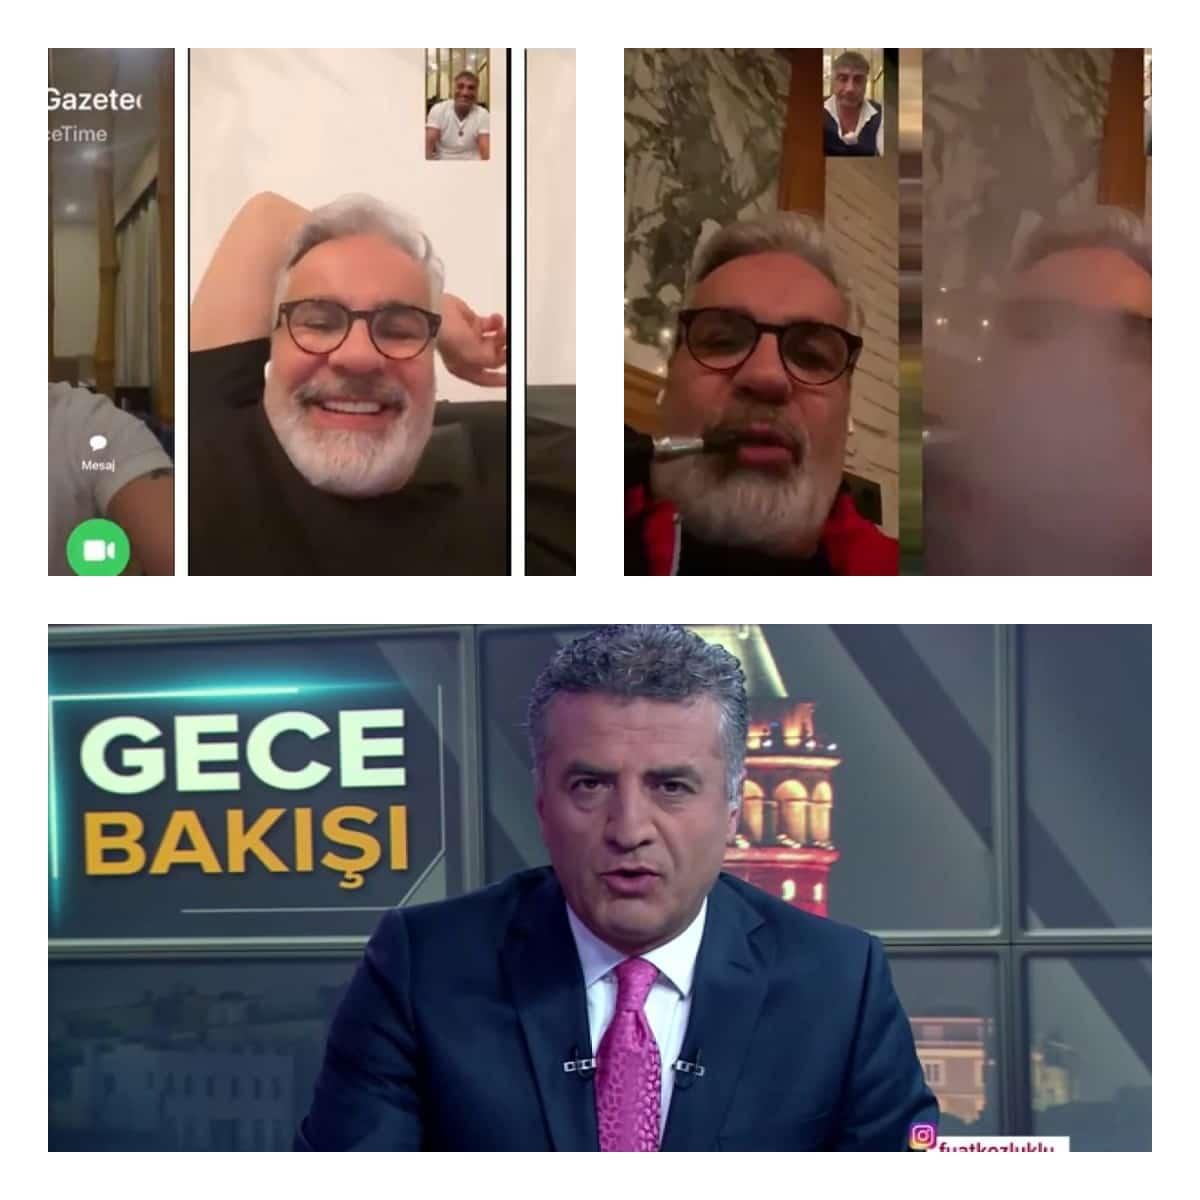 Usta gazeteci Kozluklu'dan Hadi Özışık'a ağır ifadeler